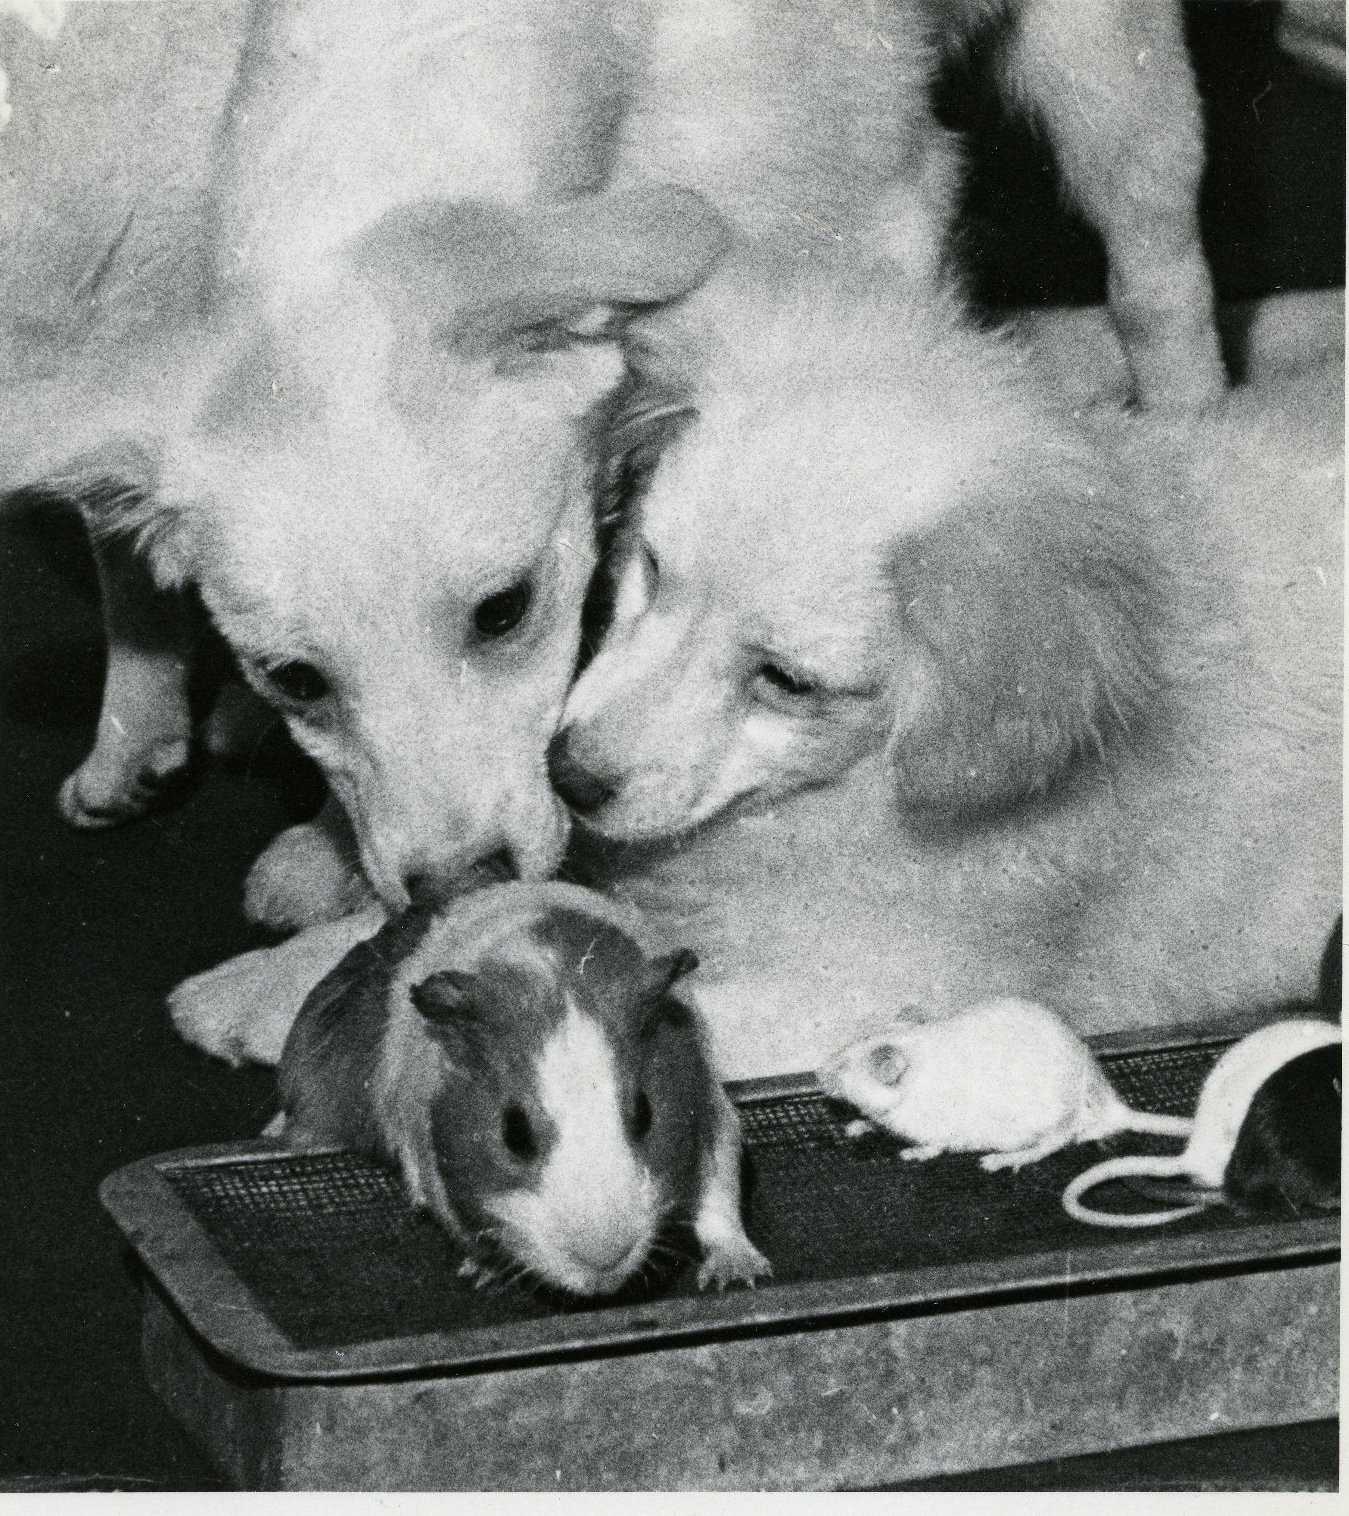 1961. Пресс-конференция о некоторых результатах исследований, проведённых на советских космических кораблях. Щенки собаки Стрелки